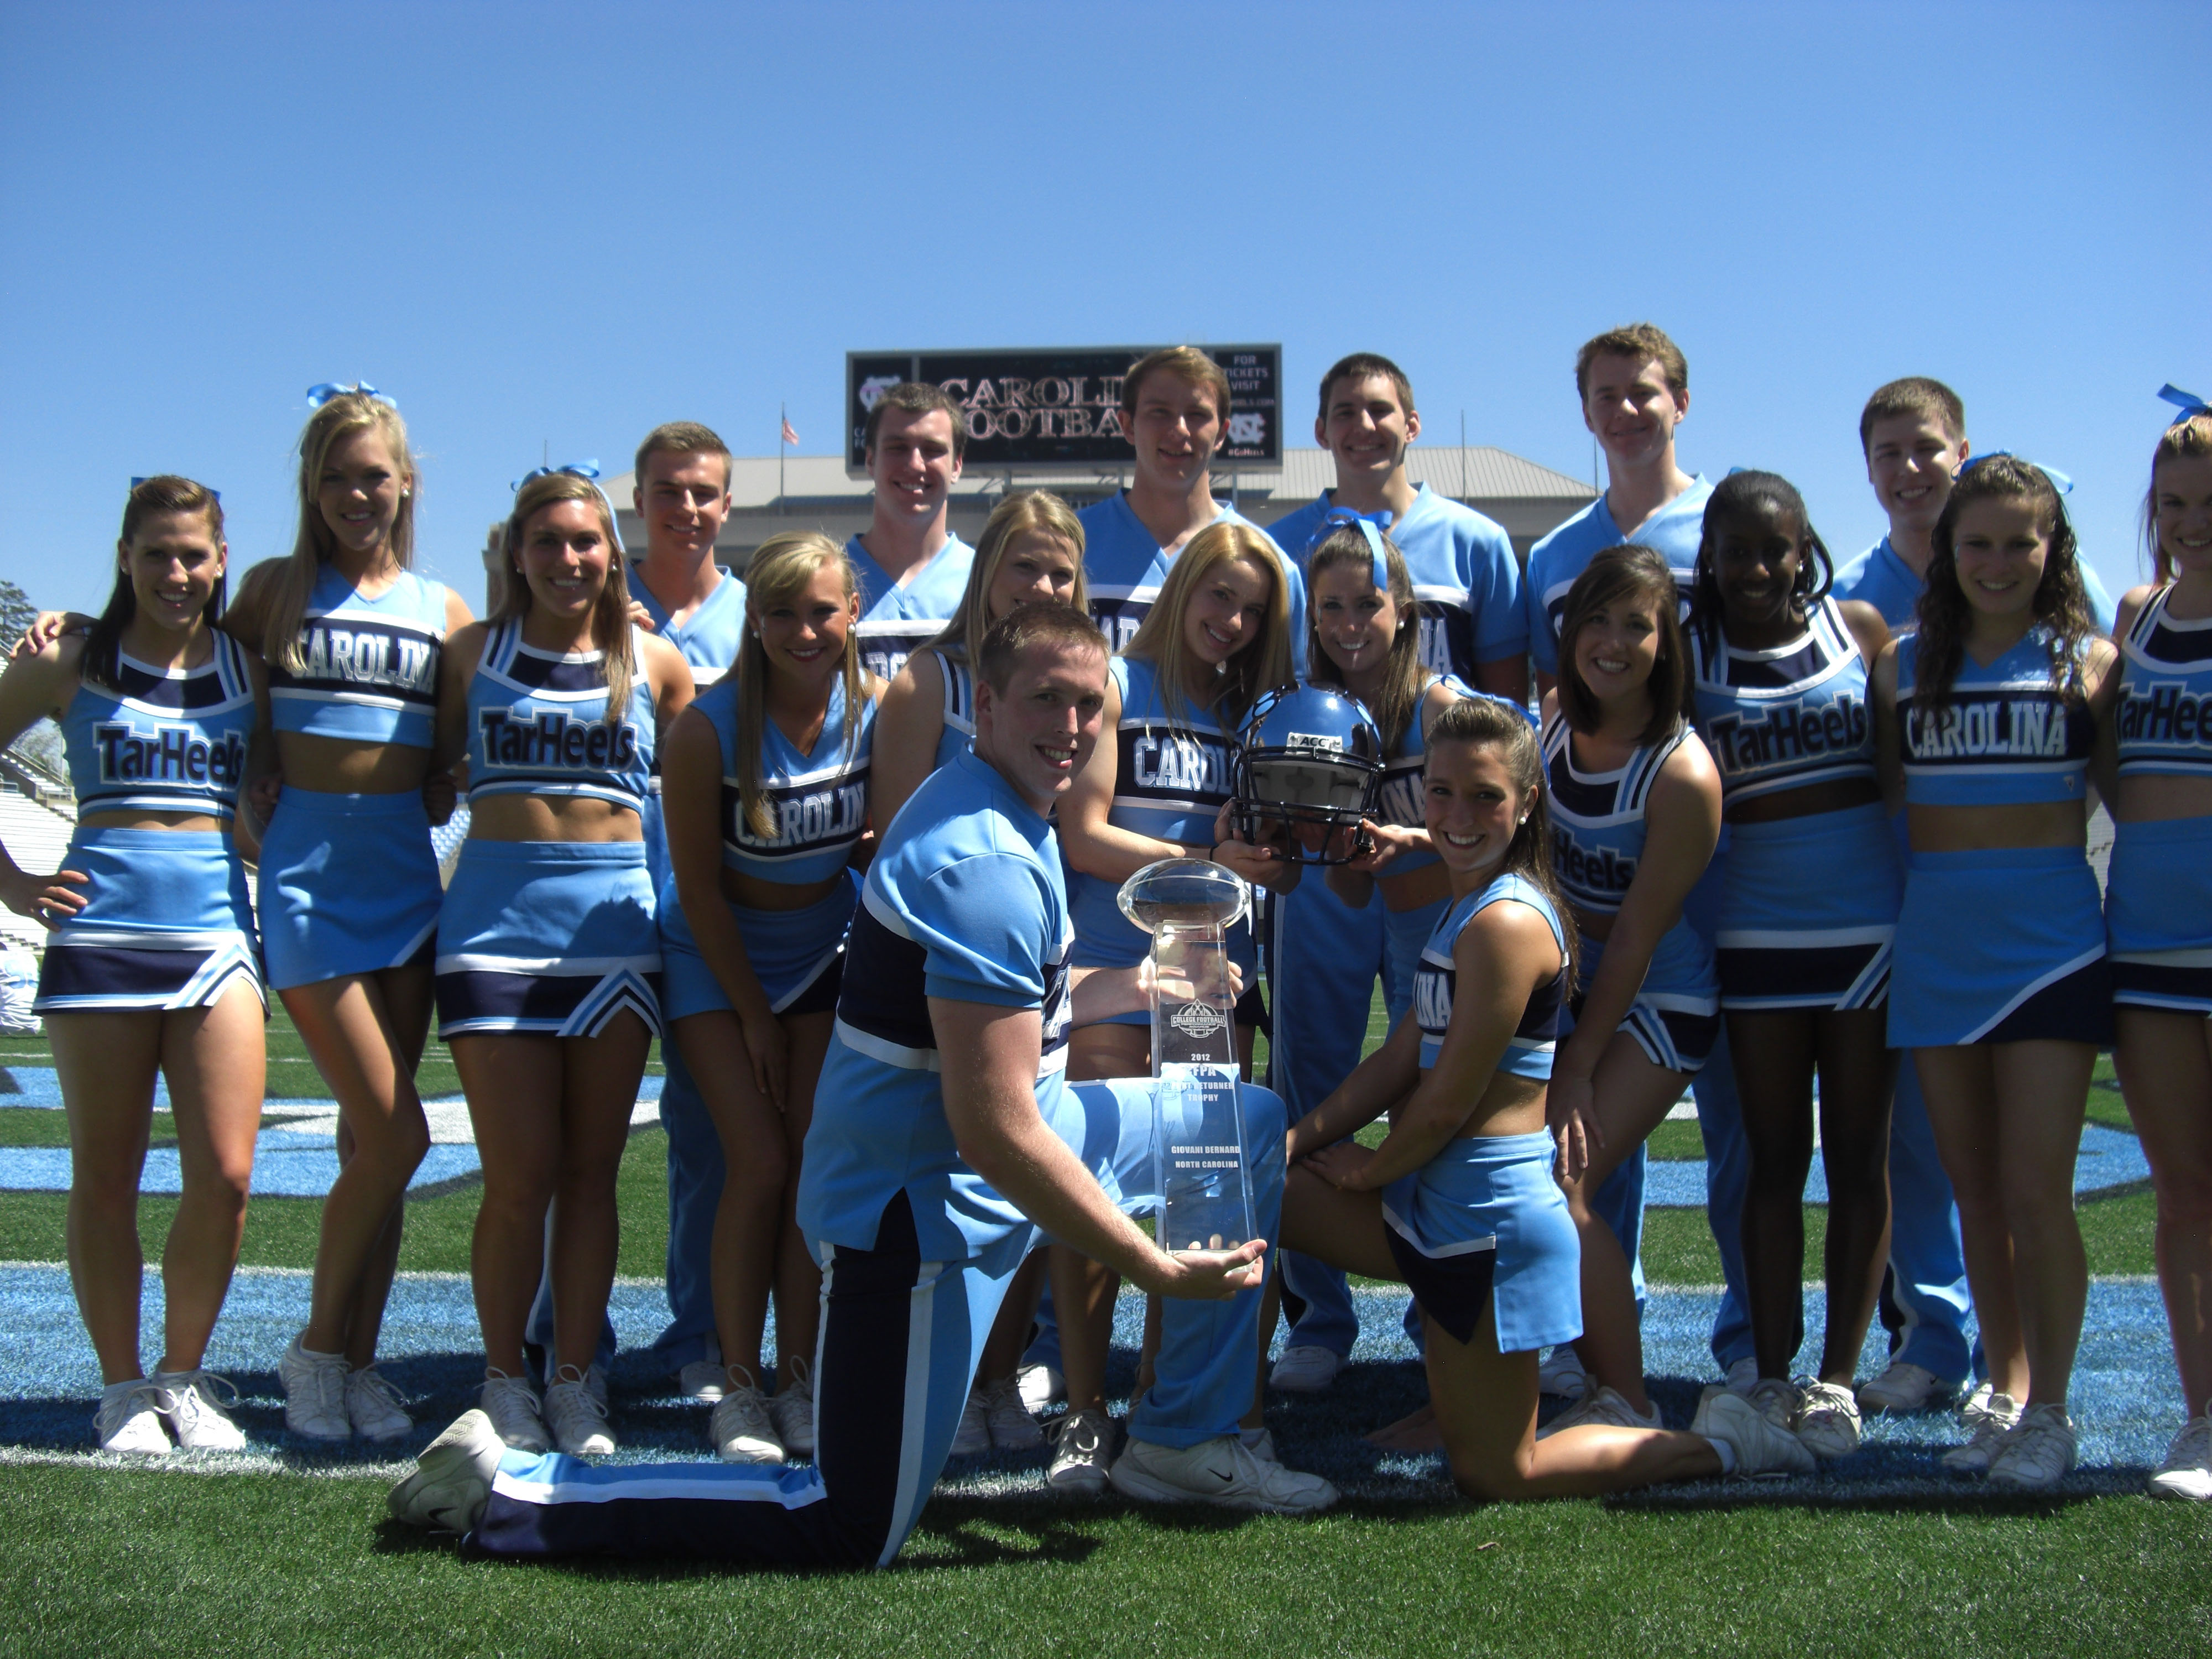 Unc Tar Heels Cheerleaders Related Keywords - Unc Tar Heels Cheerleaders Long Tail Keywords ...